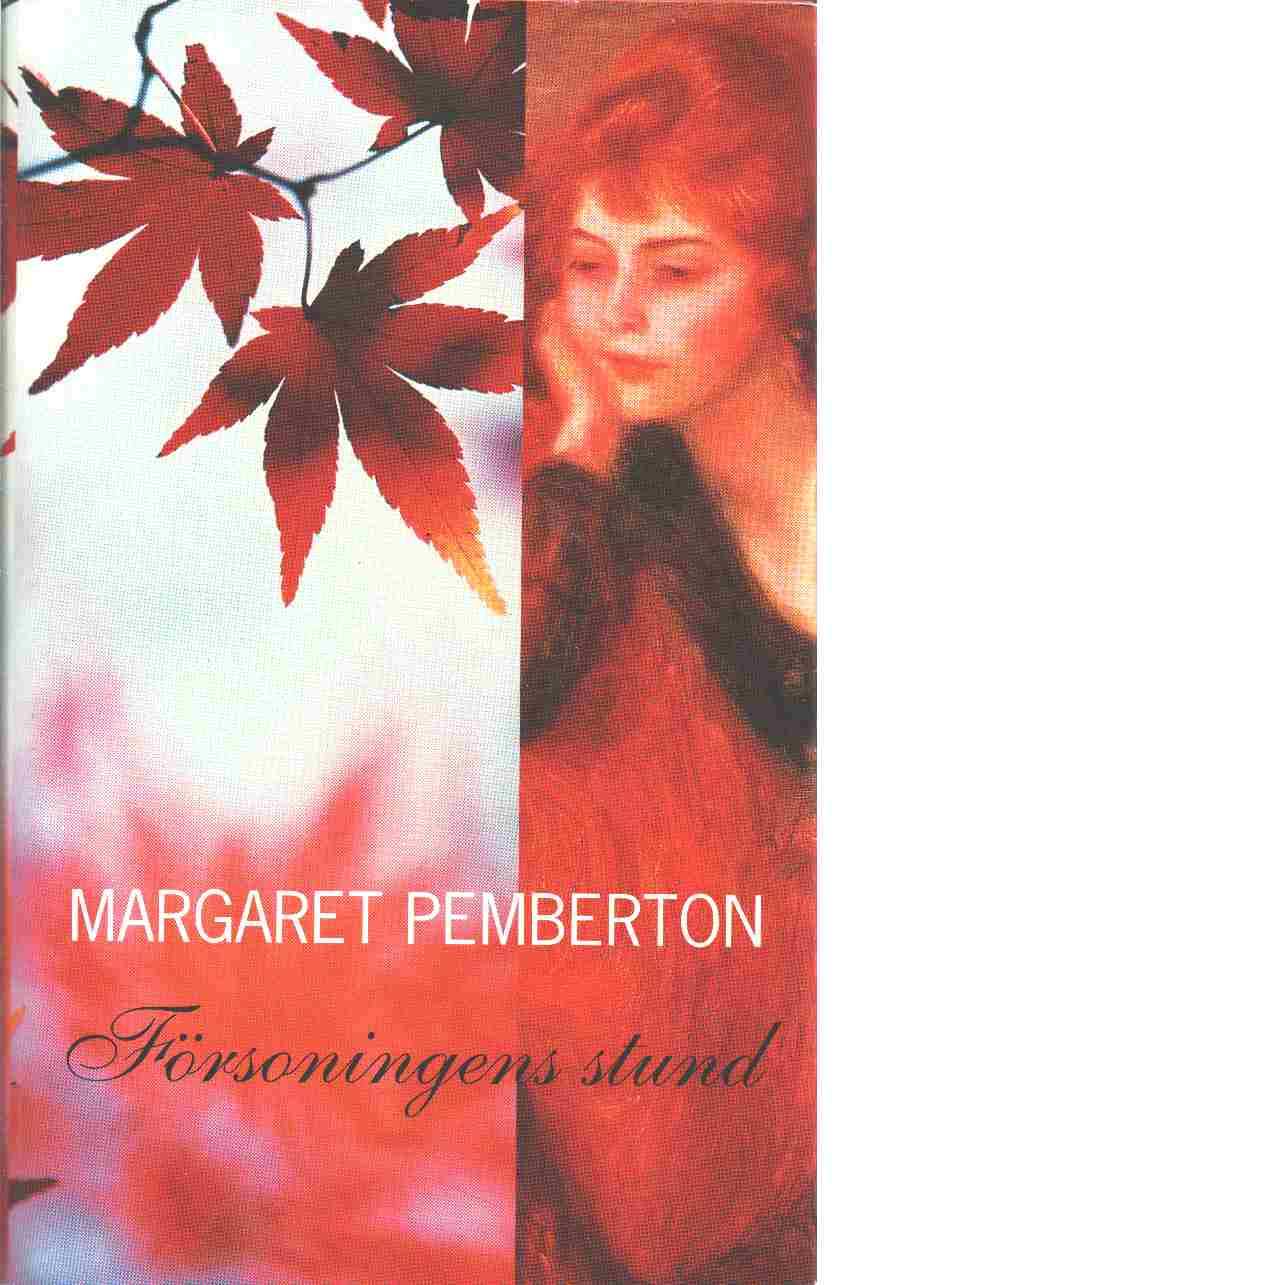 Försoningens stund - Pemberton, Margaret